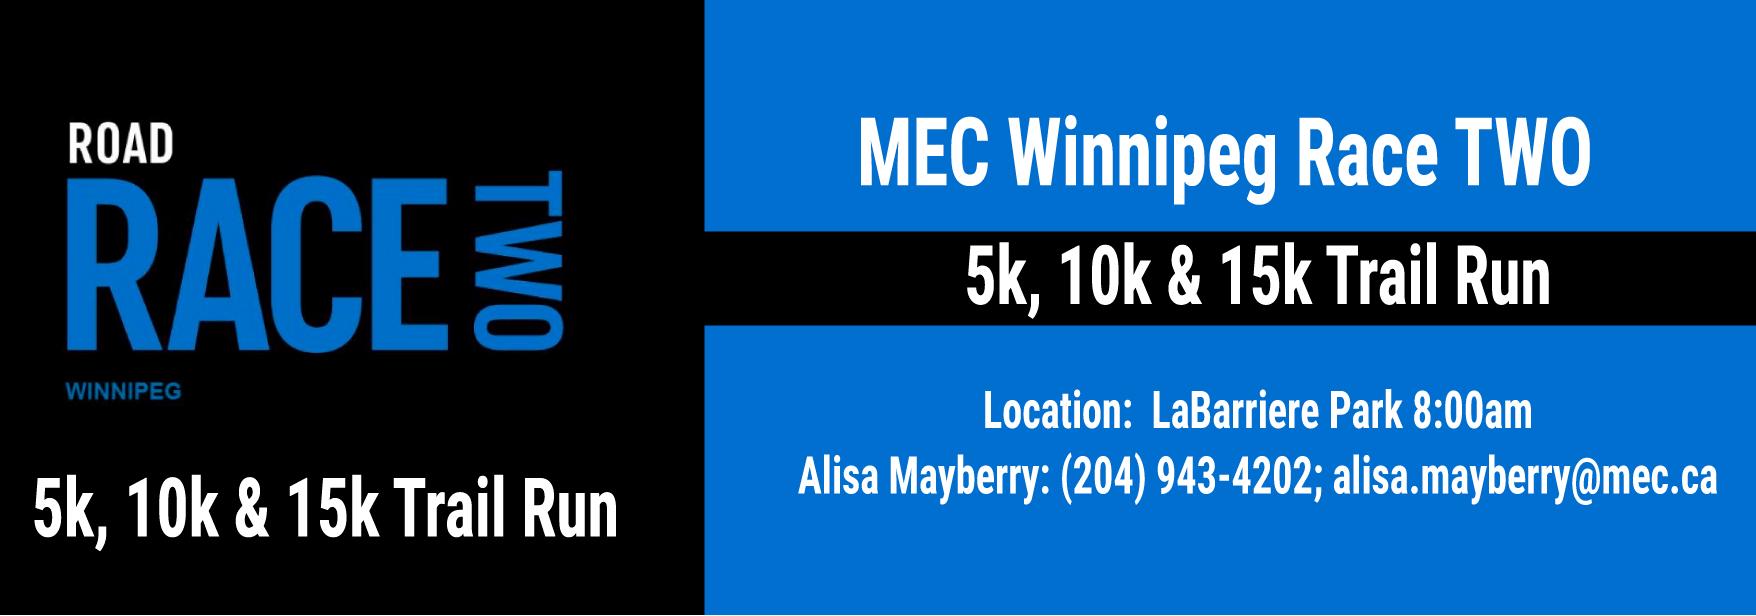 MEC Winnipeg Race Two